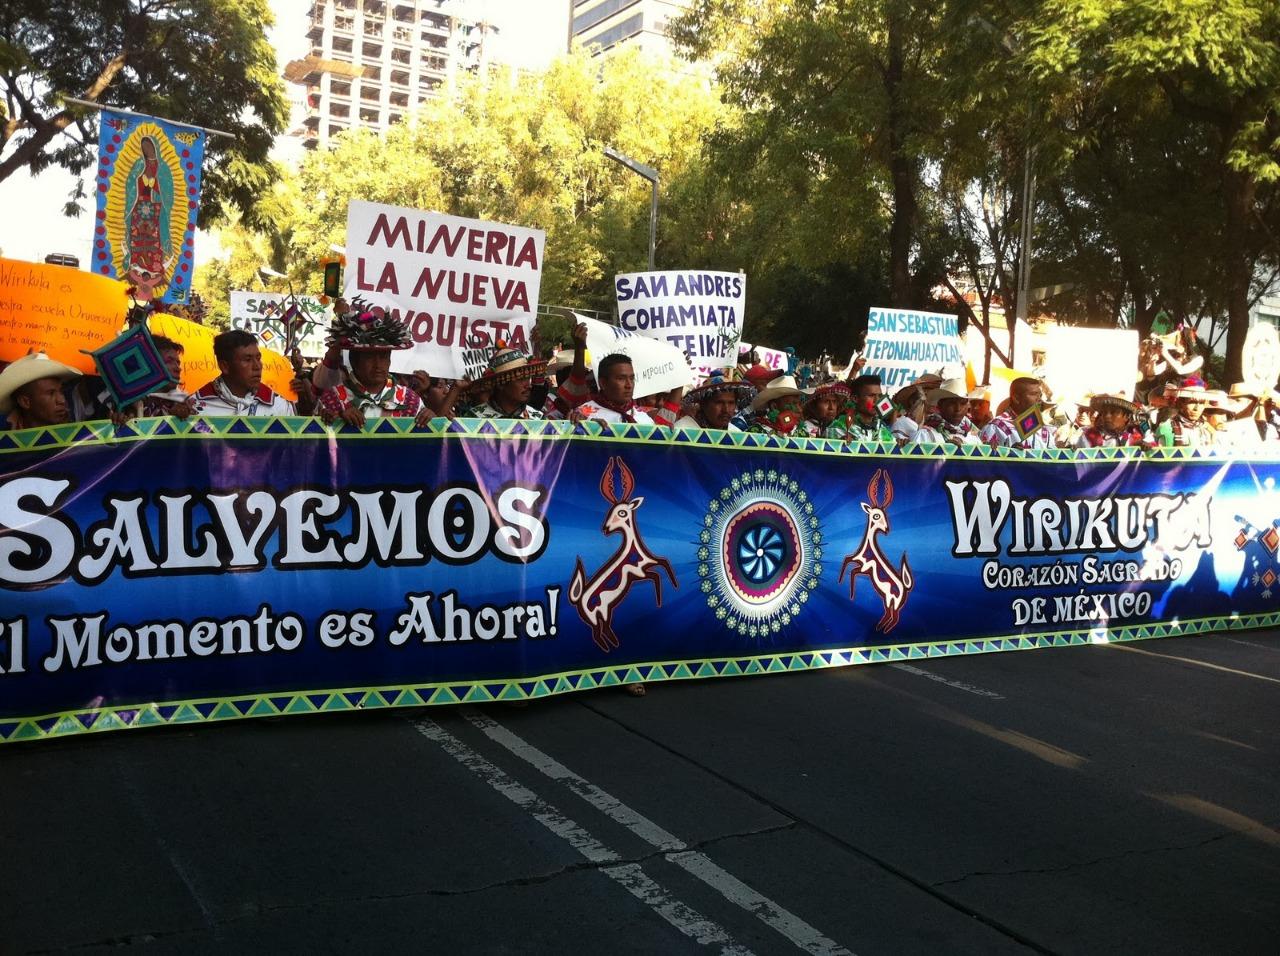 Marcha histórica del Pueblo Wixárika en contra de la minería. CDMX 2012.